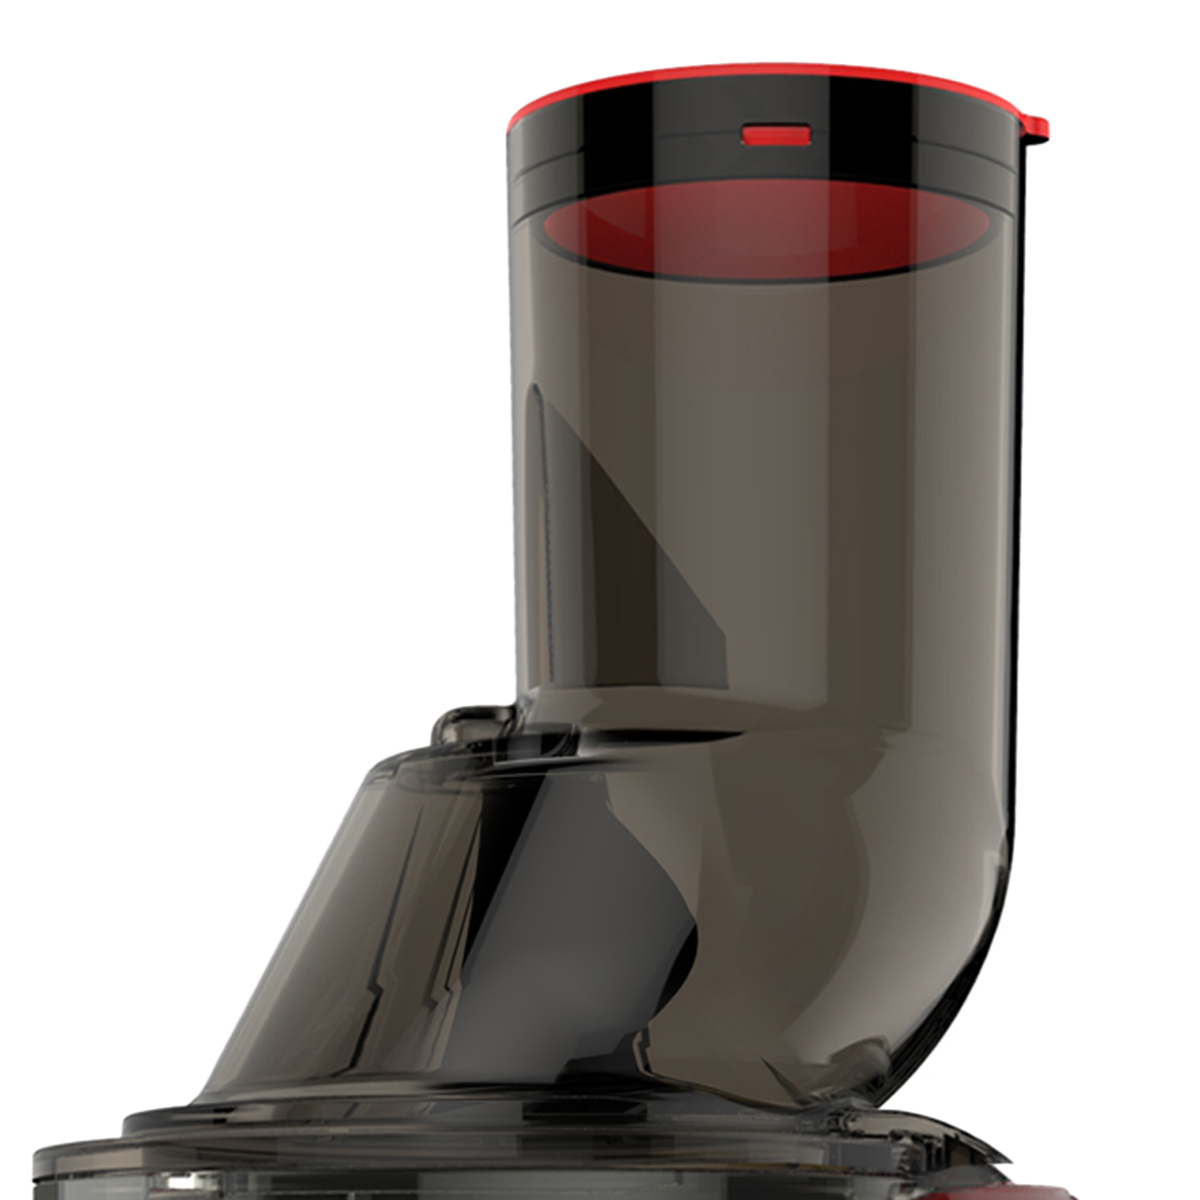 Máy Ép Trái Cây Kuvings C7000 (Đỏ)